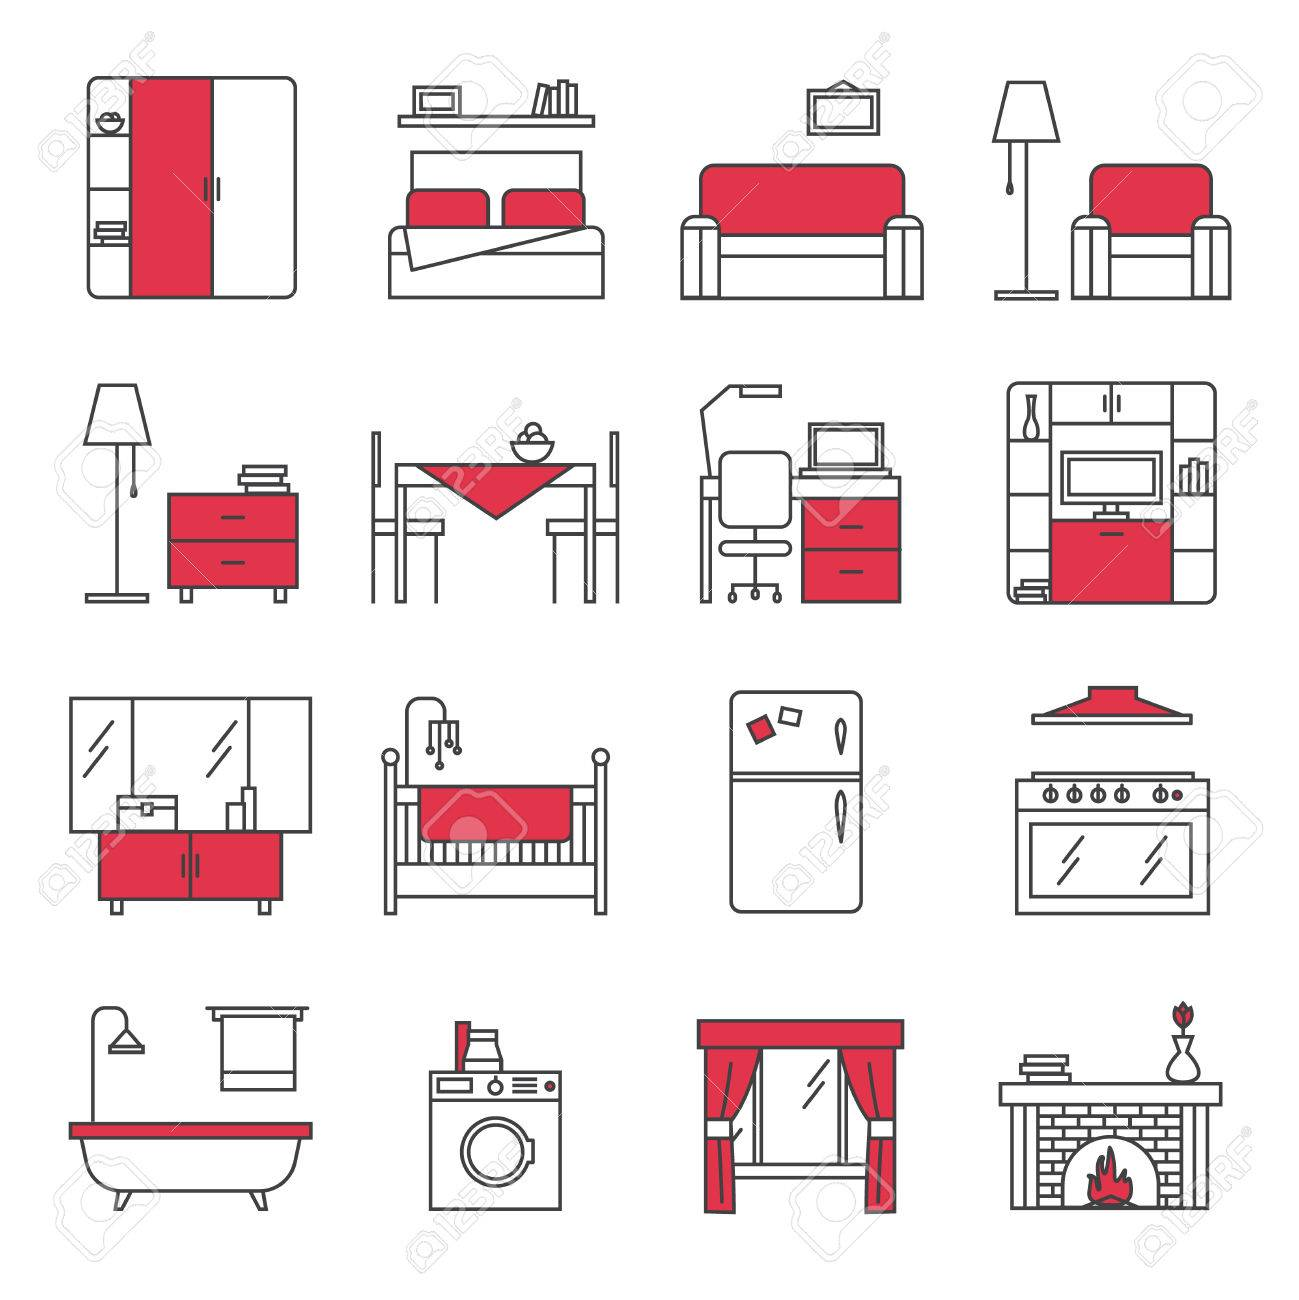 Iconos de línea de muebles de baño cocina dormitorio y salón rojo negro  plana aislados ilustración vectorial